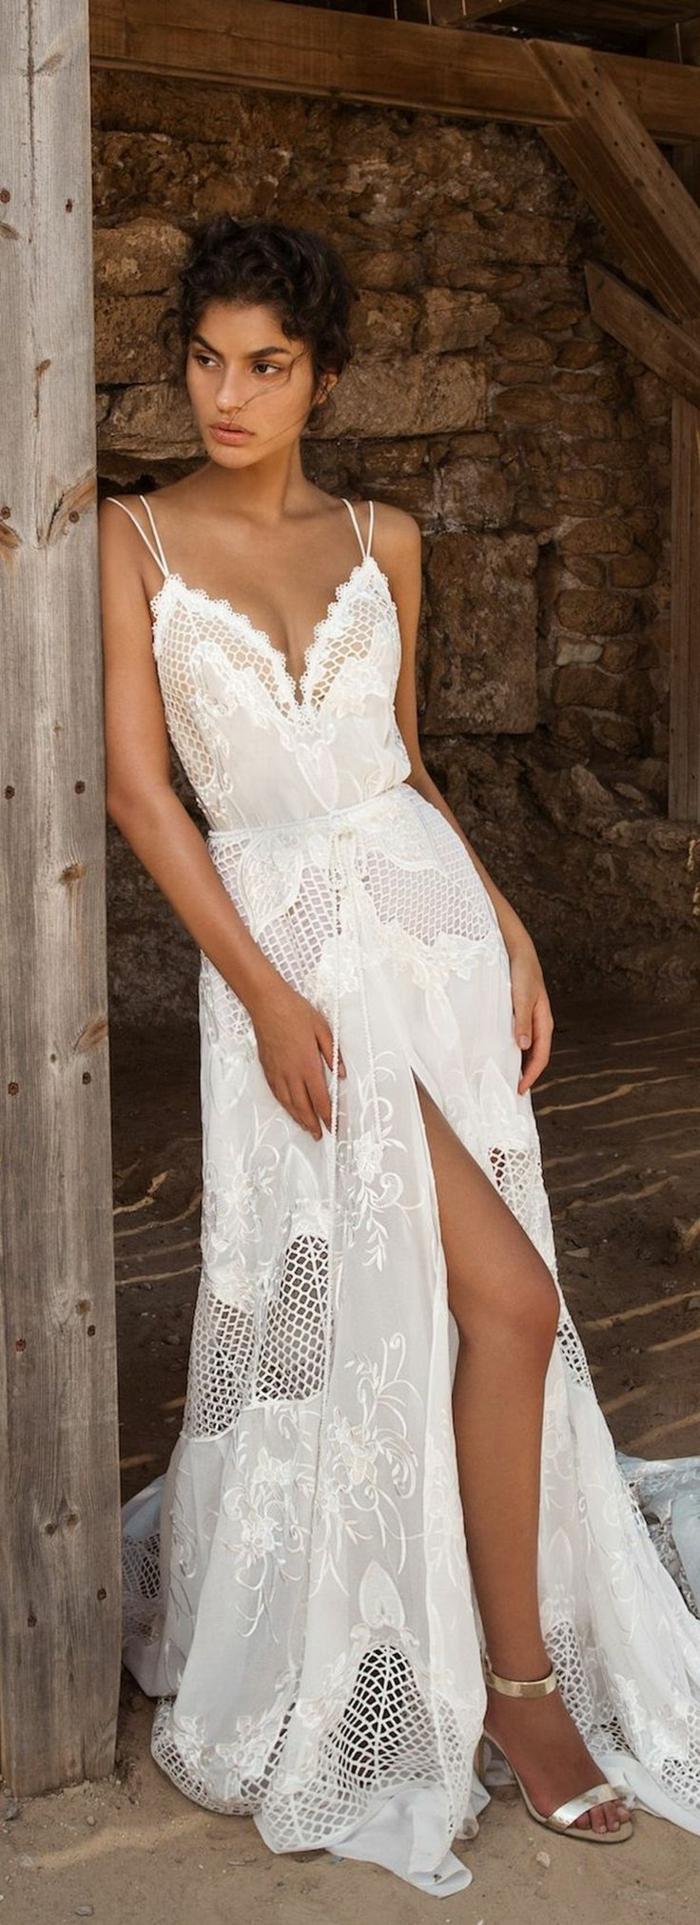 vestidos de novia ibicencos, mujer morena, vestido largo de encaje con hendidura, escote profundo, correas dobles, sandalias con tacón